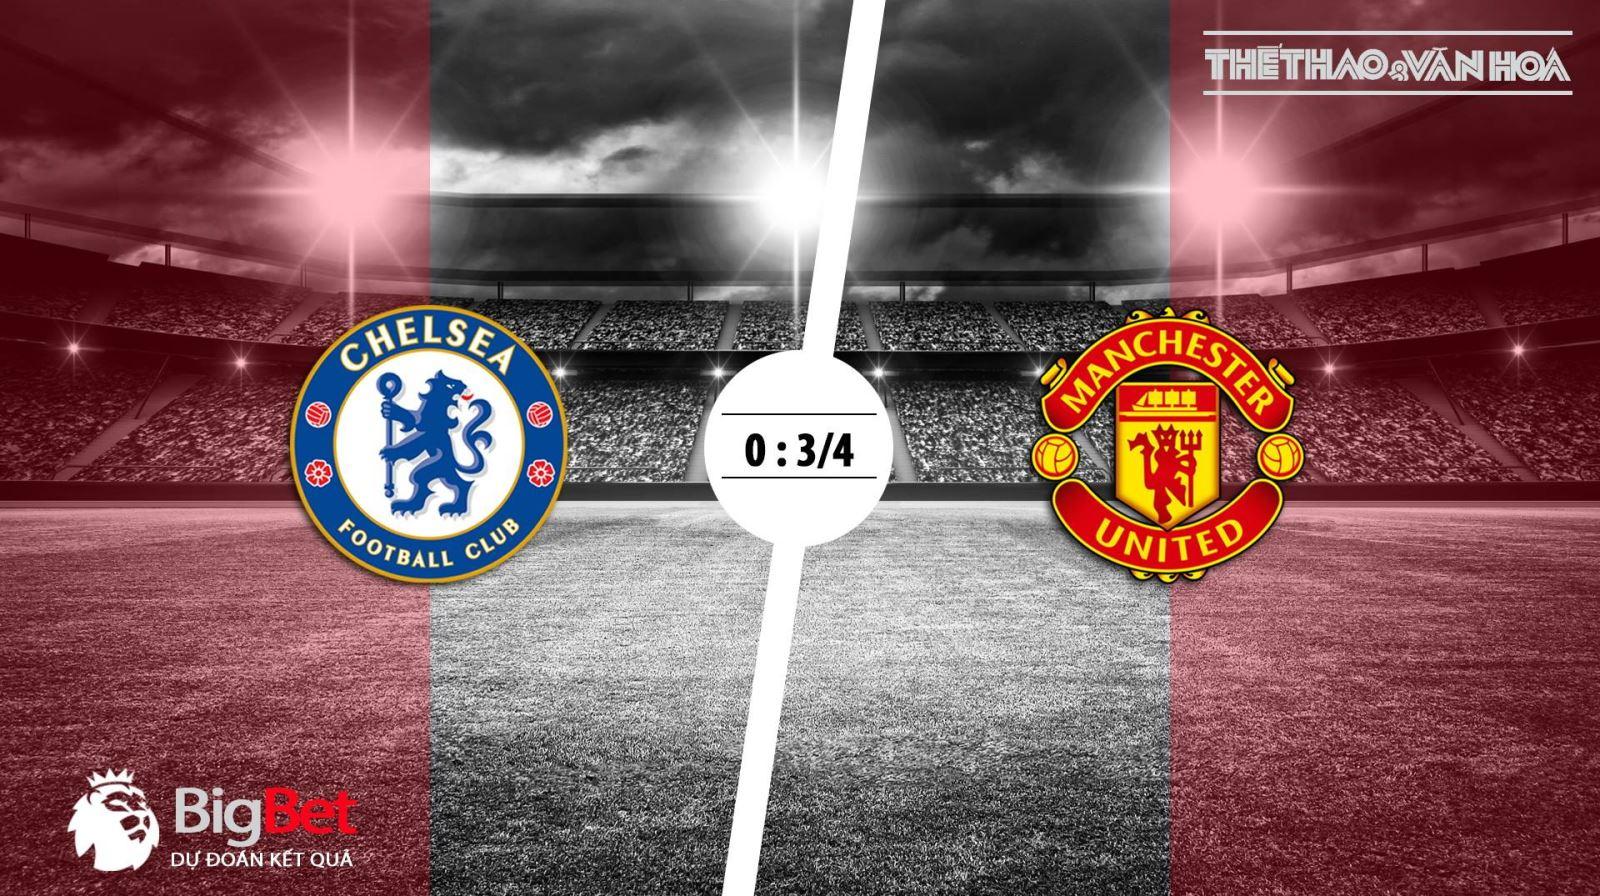 Soi kèo Chelsea vs M.U (18h30 ngày 20/10) - Vòng 9 giải Ngoại hạng Anh